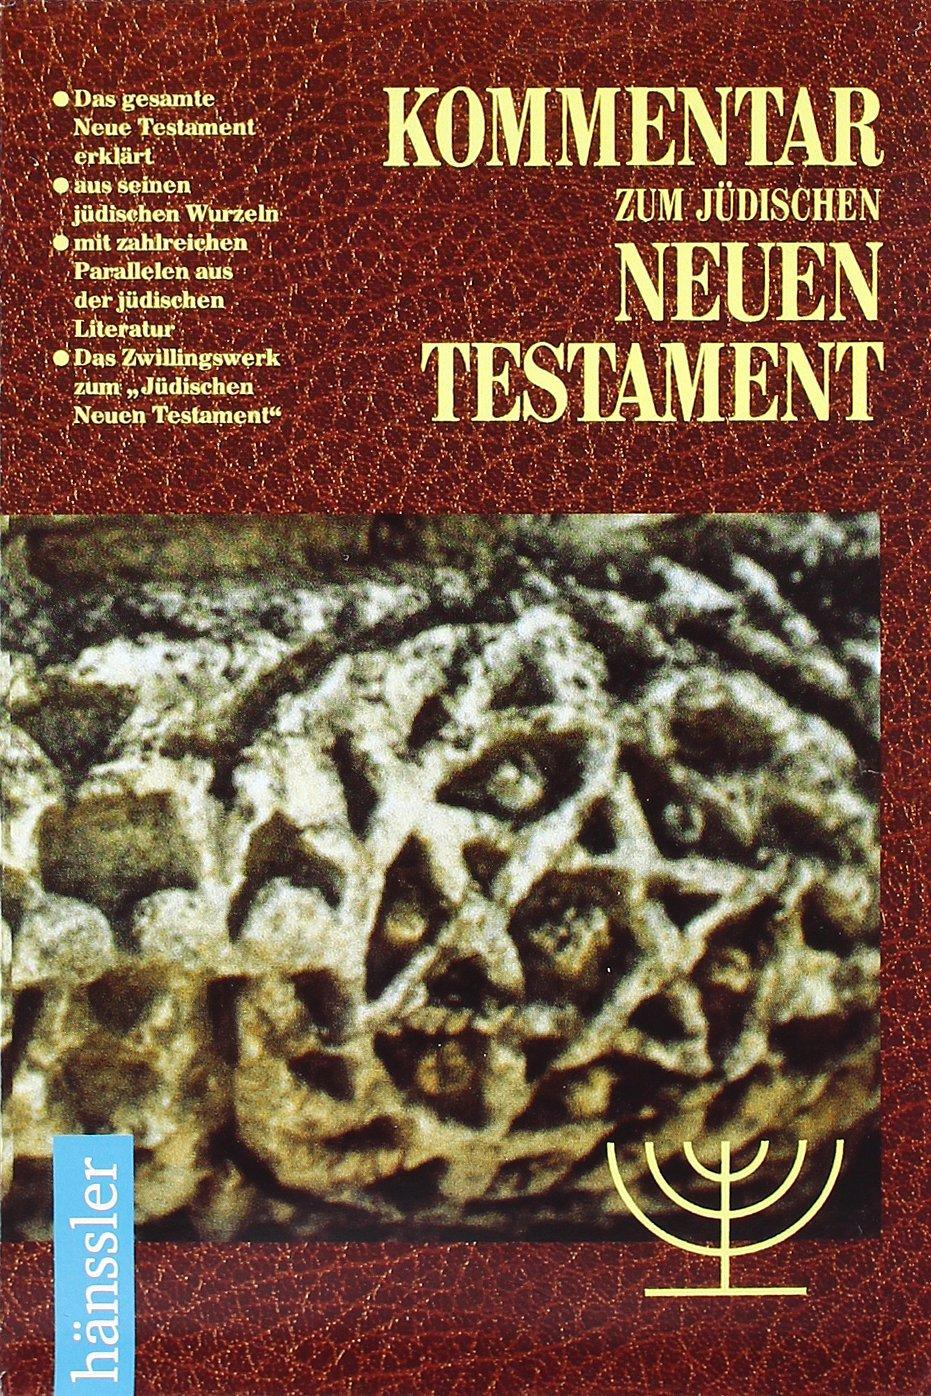 Kommentar zum Jüdischen NT